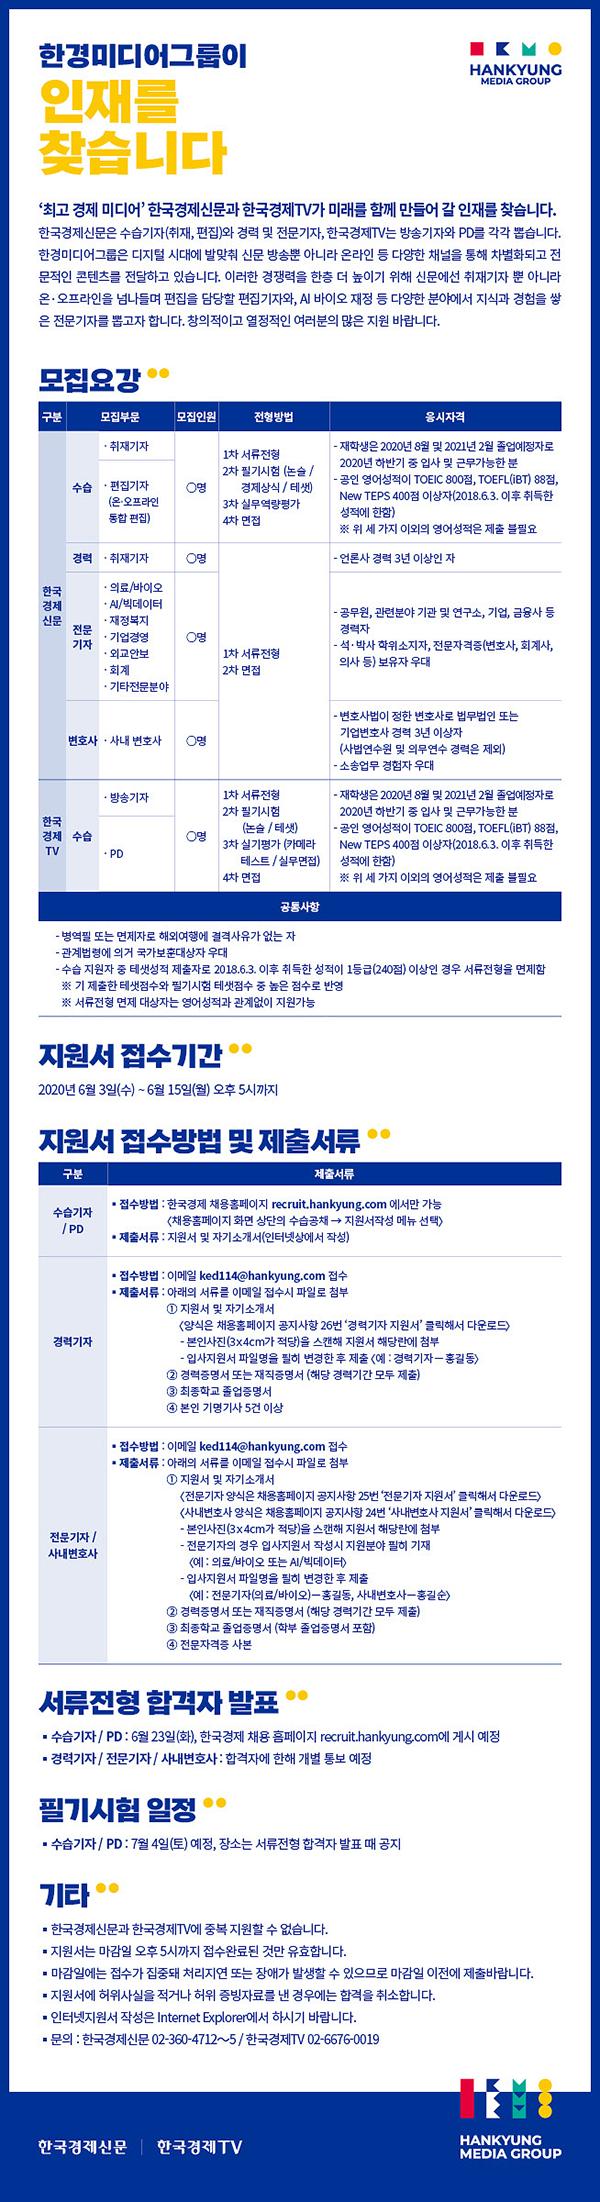 [채용공고] 한경미디어그룹이 인재를 찾습니다(한국경제신문, 한국경제TV)